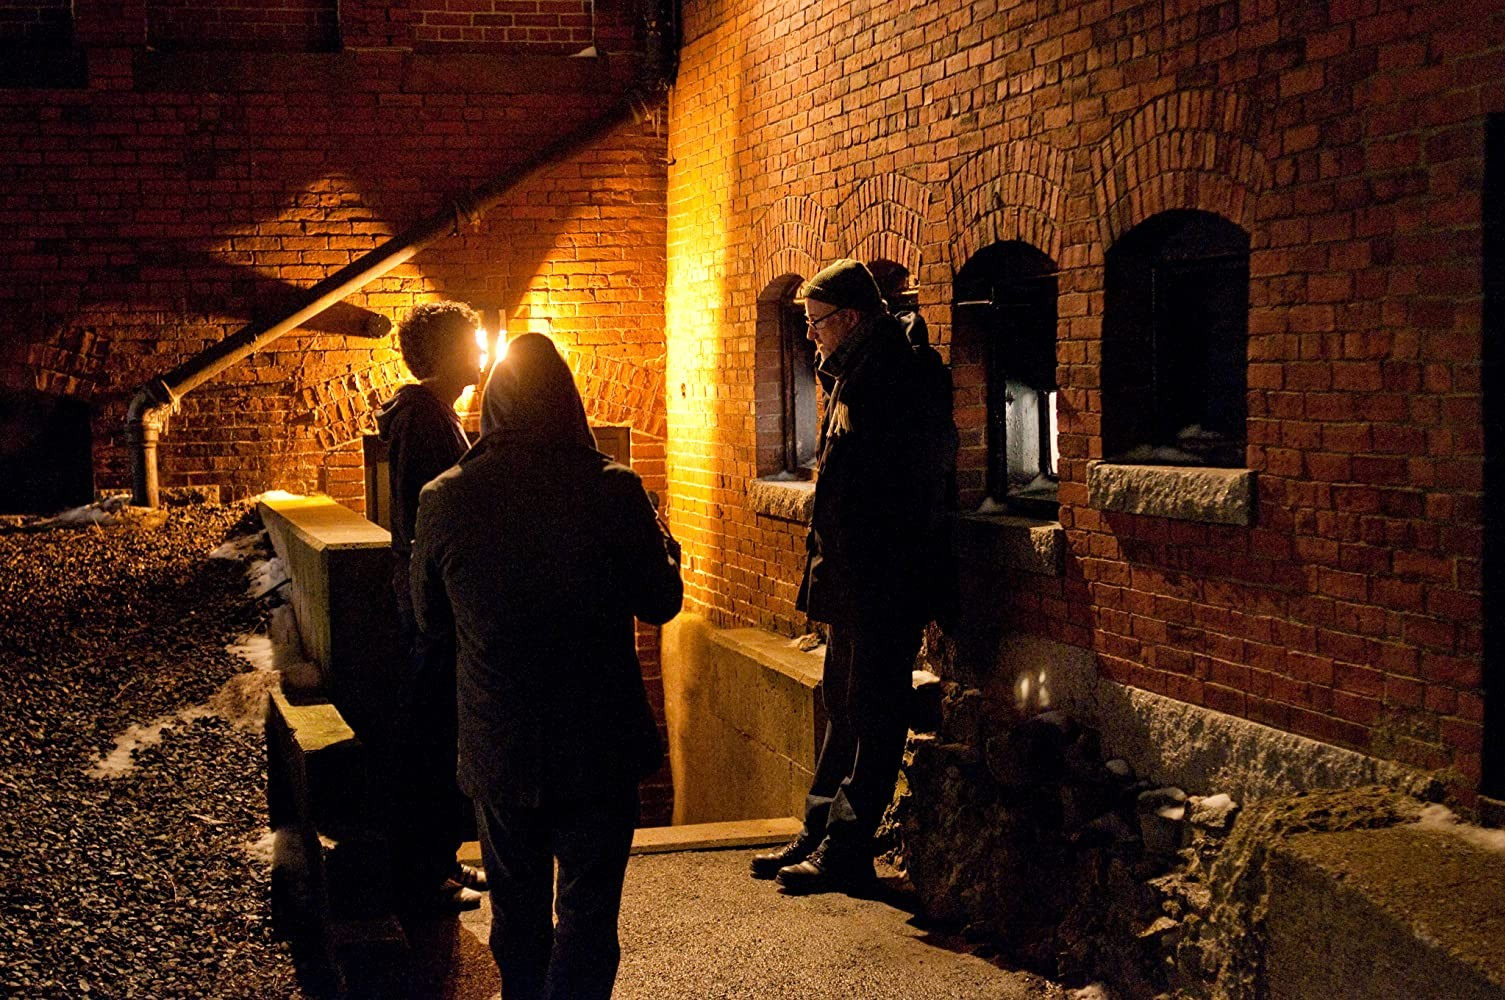 Дэвид Финчер и Джесси Айзенберг в «Социальной сети», 2010